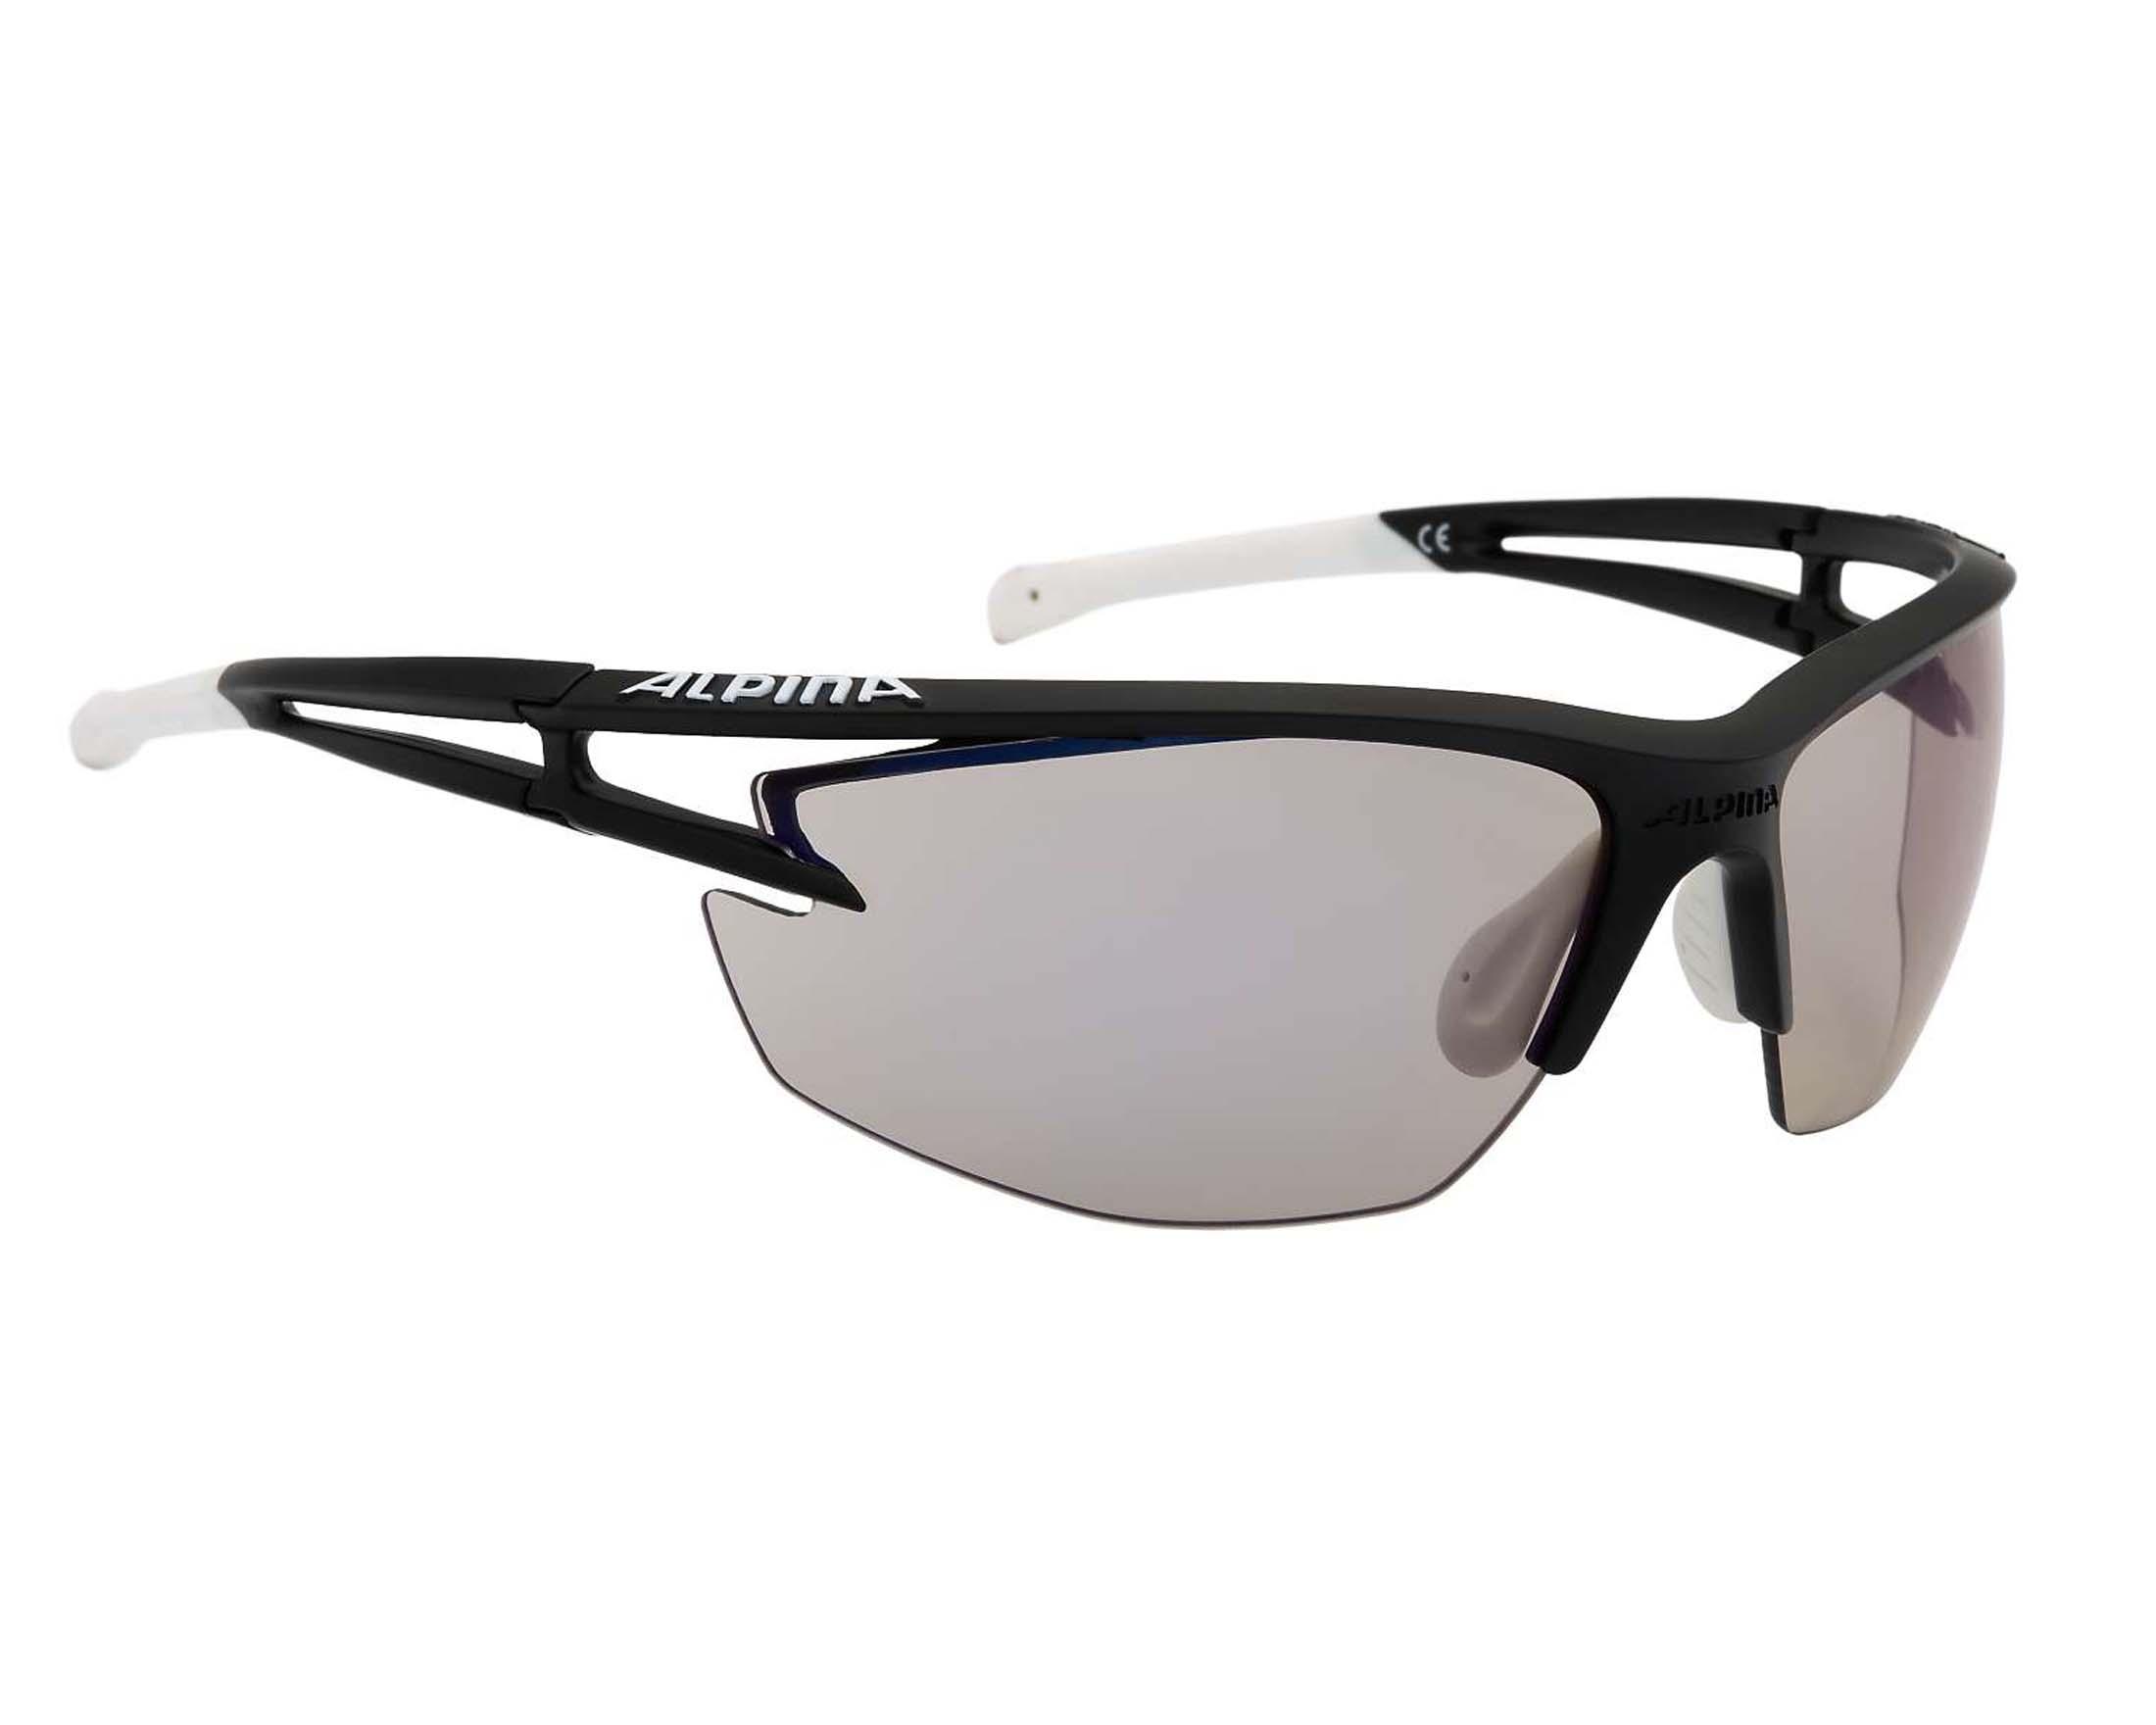 091695ccb8 Cycling Glasses